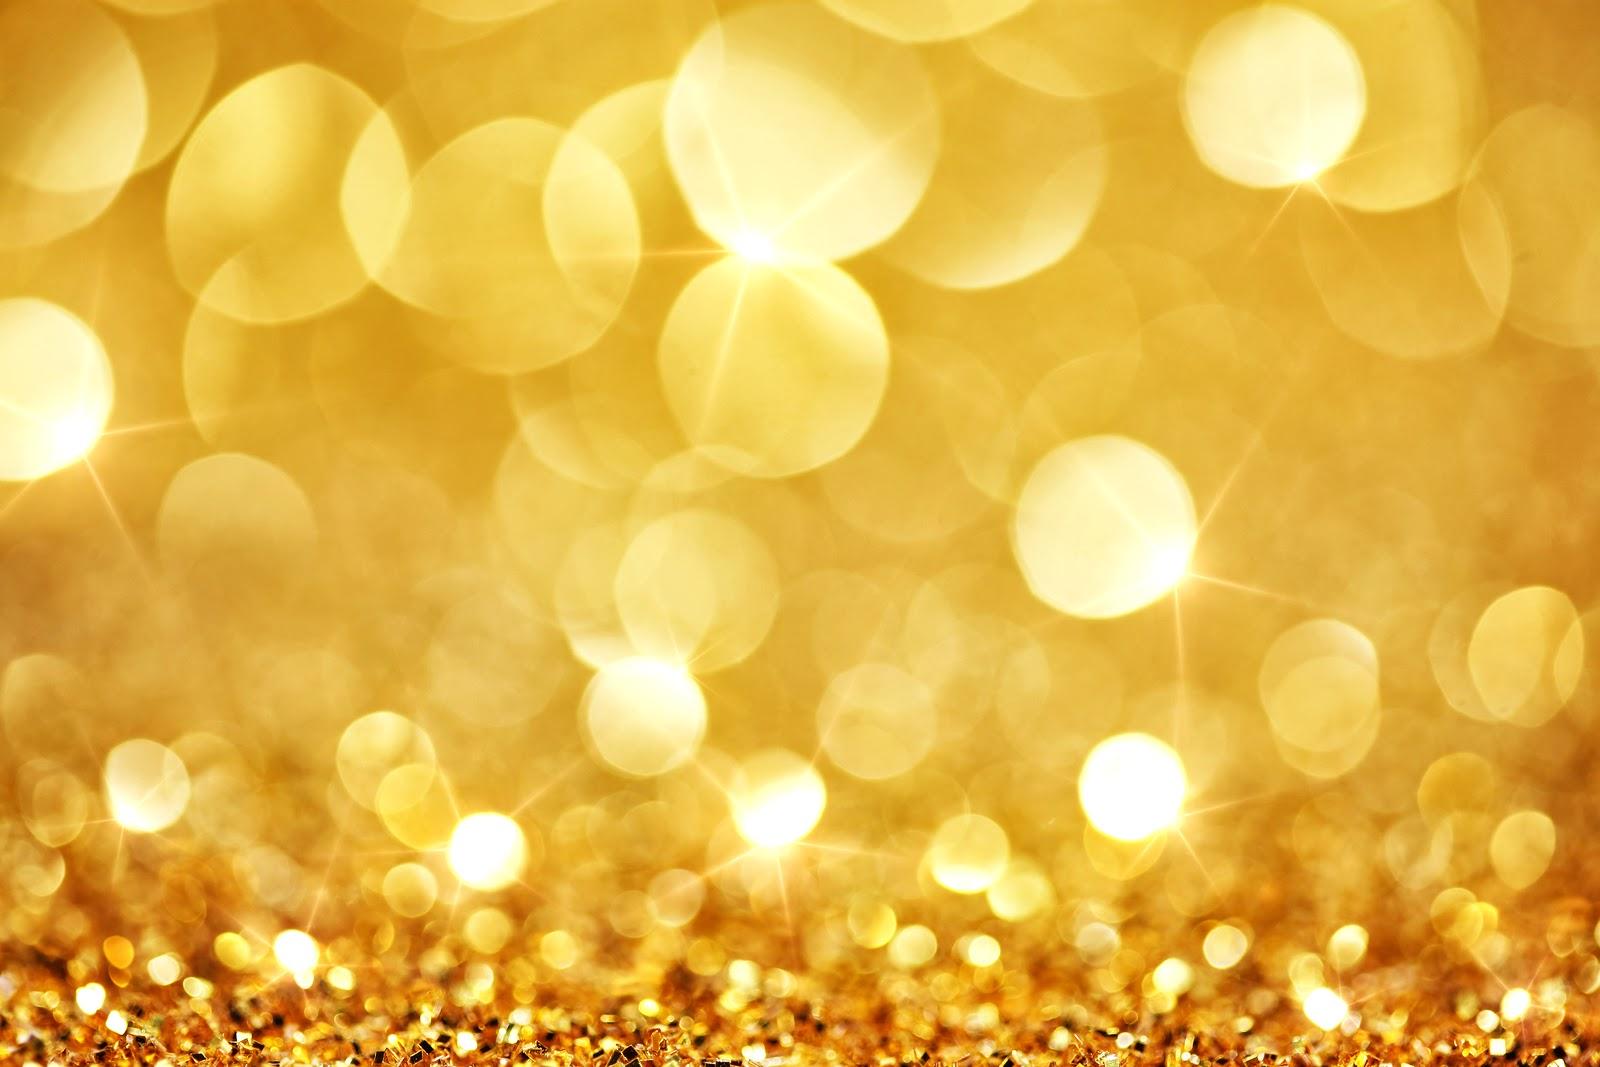 gold lights - 28 images - gold light background hd, lights ...